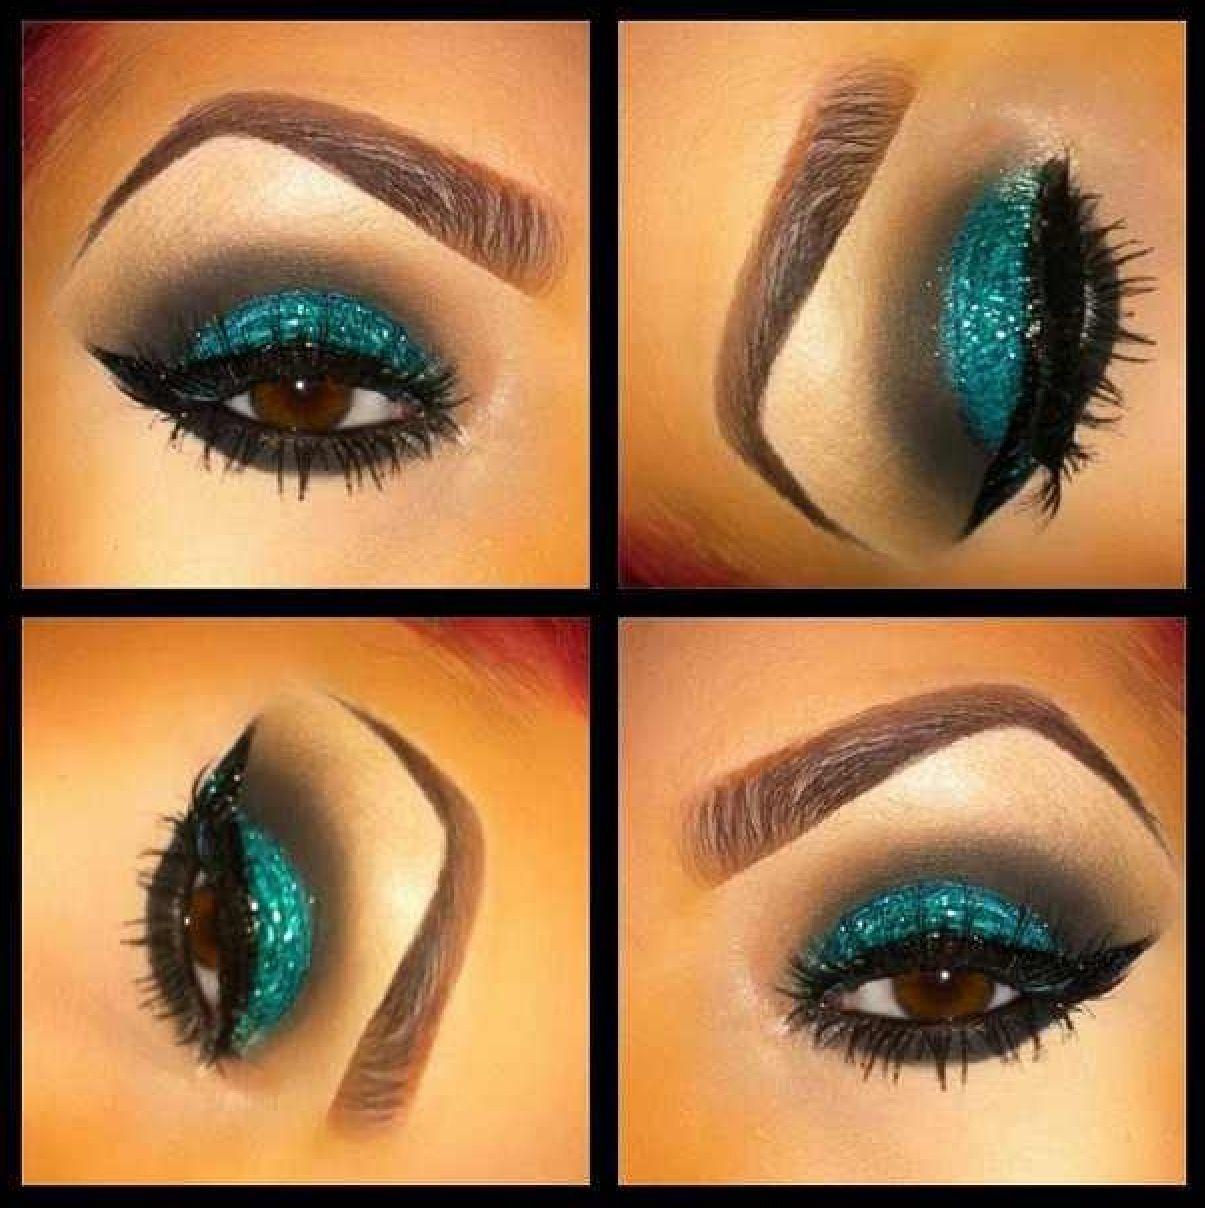 Aqua eyeshadow | My Make Up Obsession | Pinterest | Aqua, Aqua ...